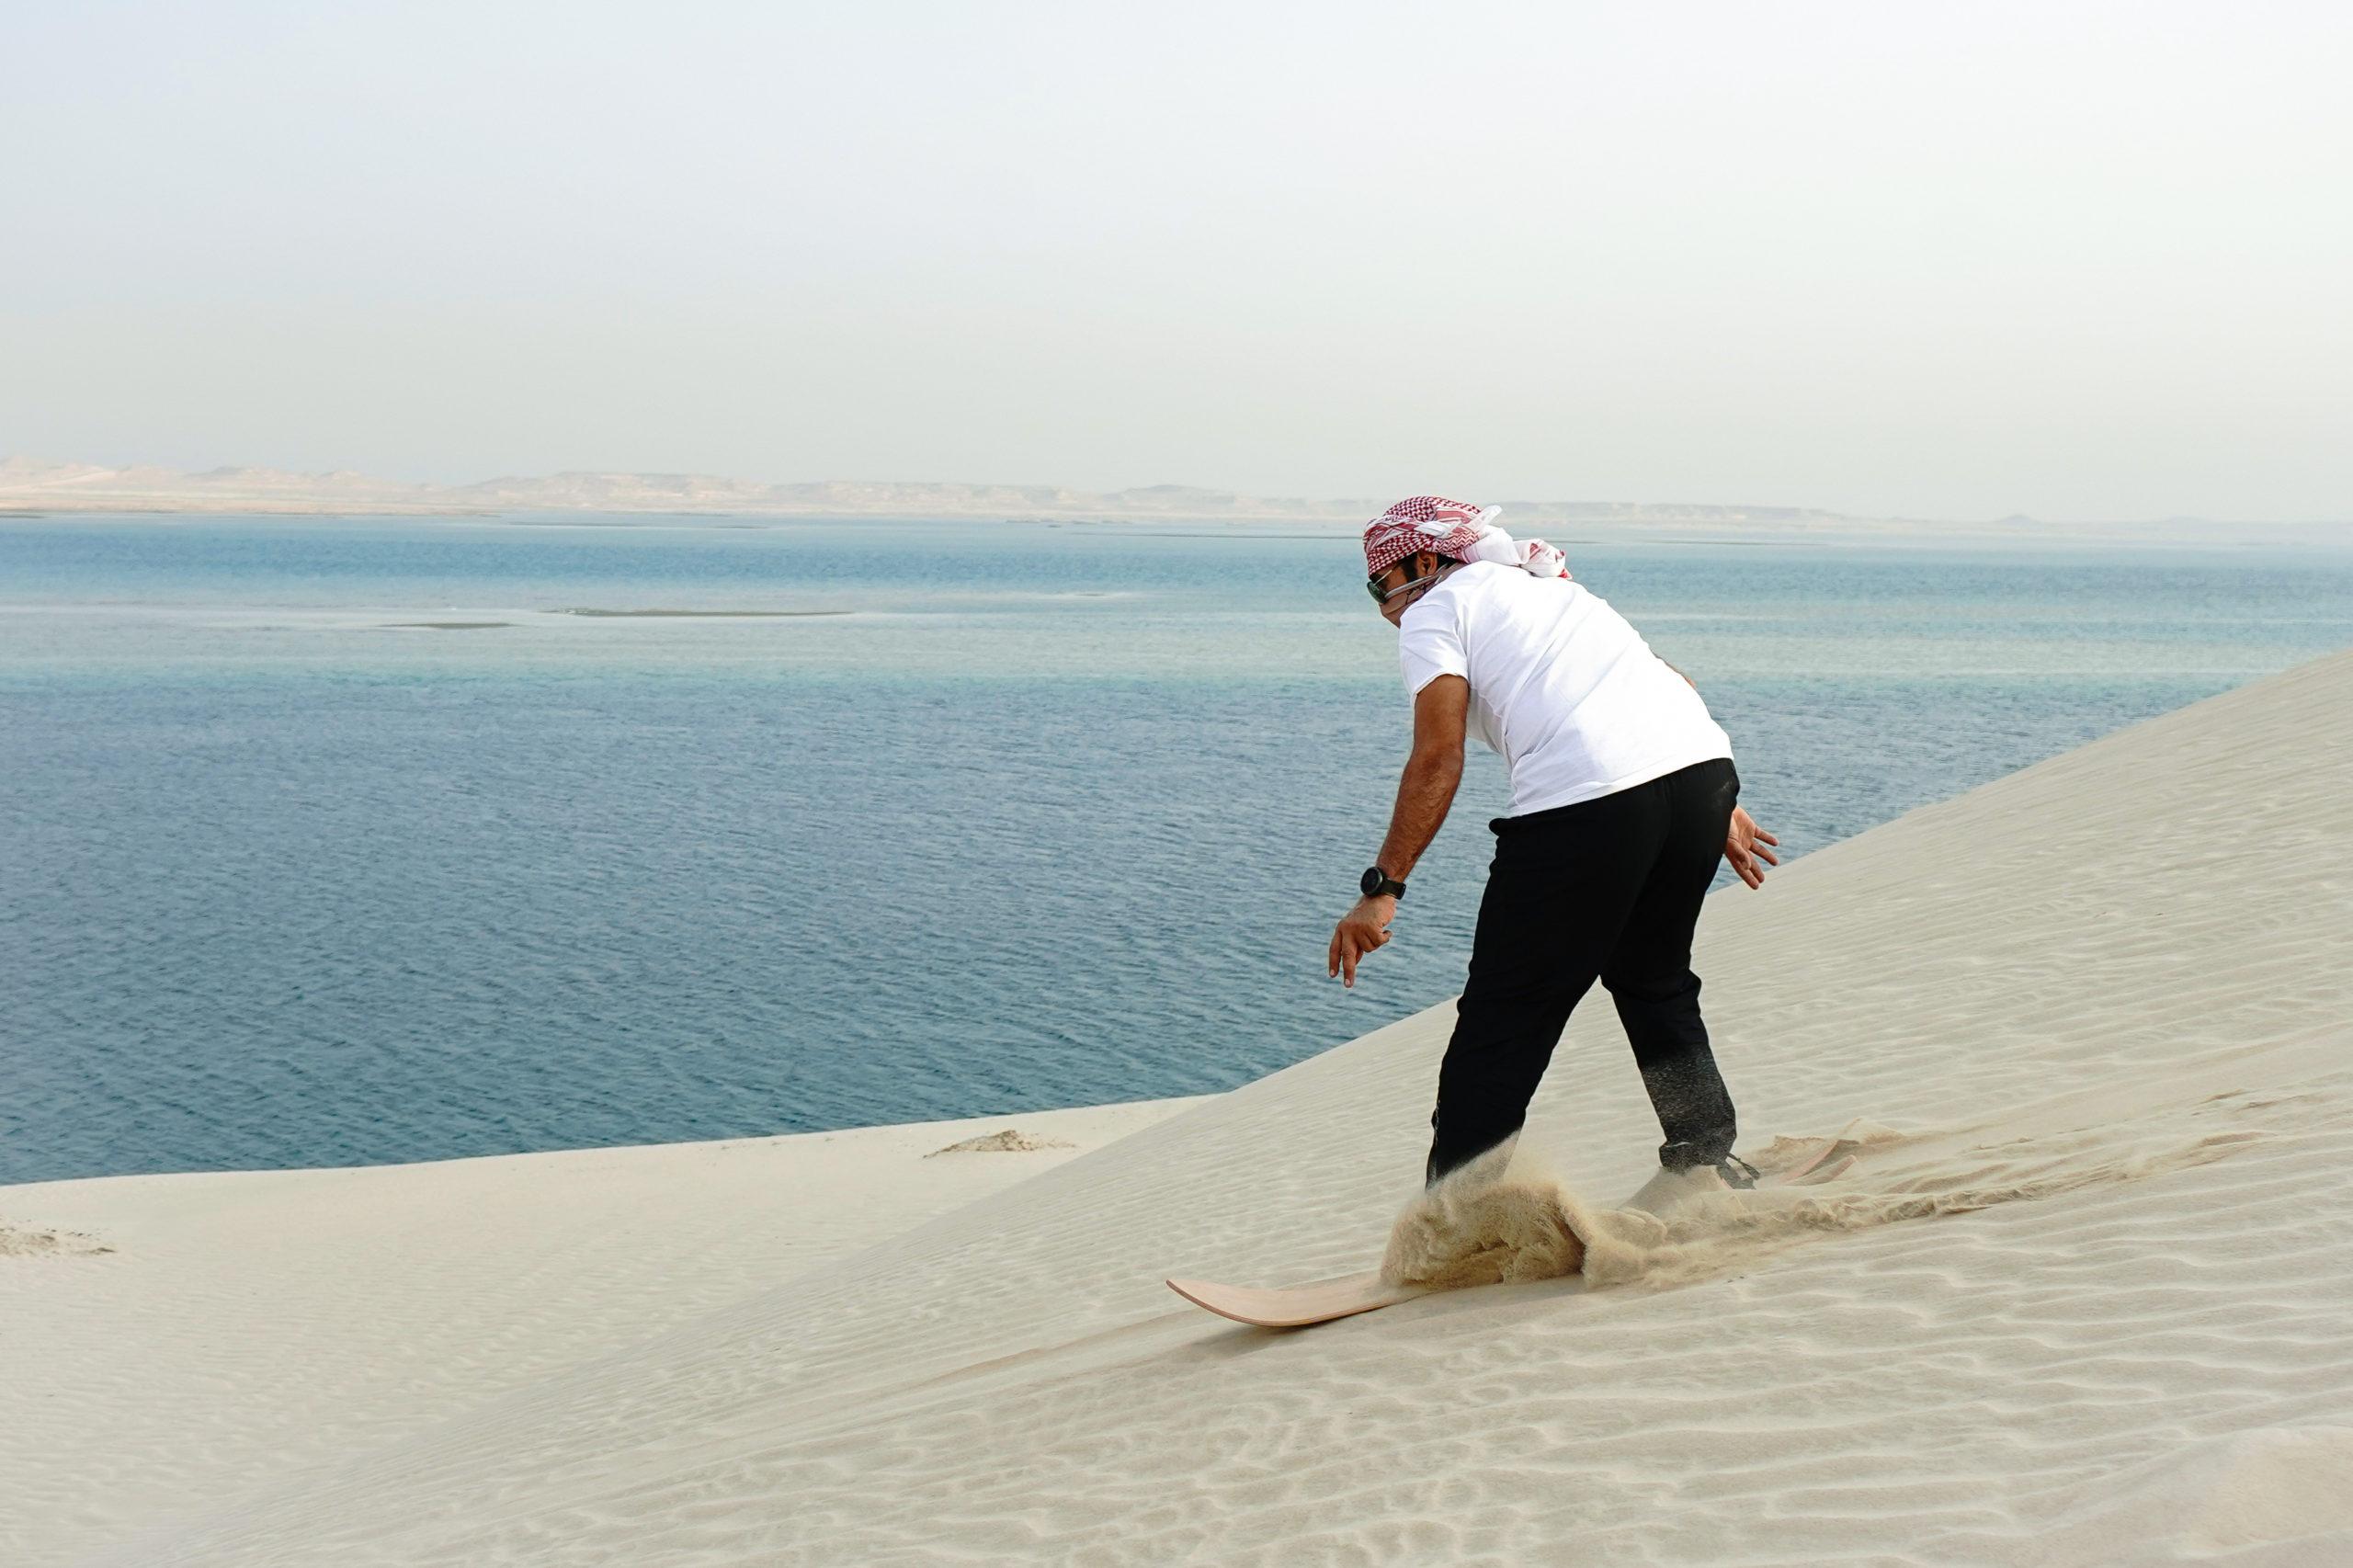 sandboard-qatar